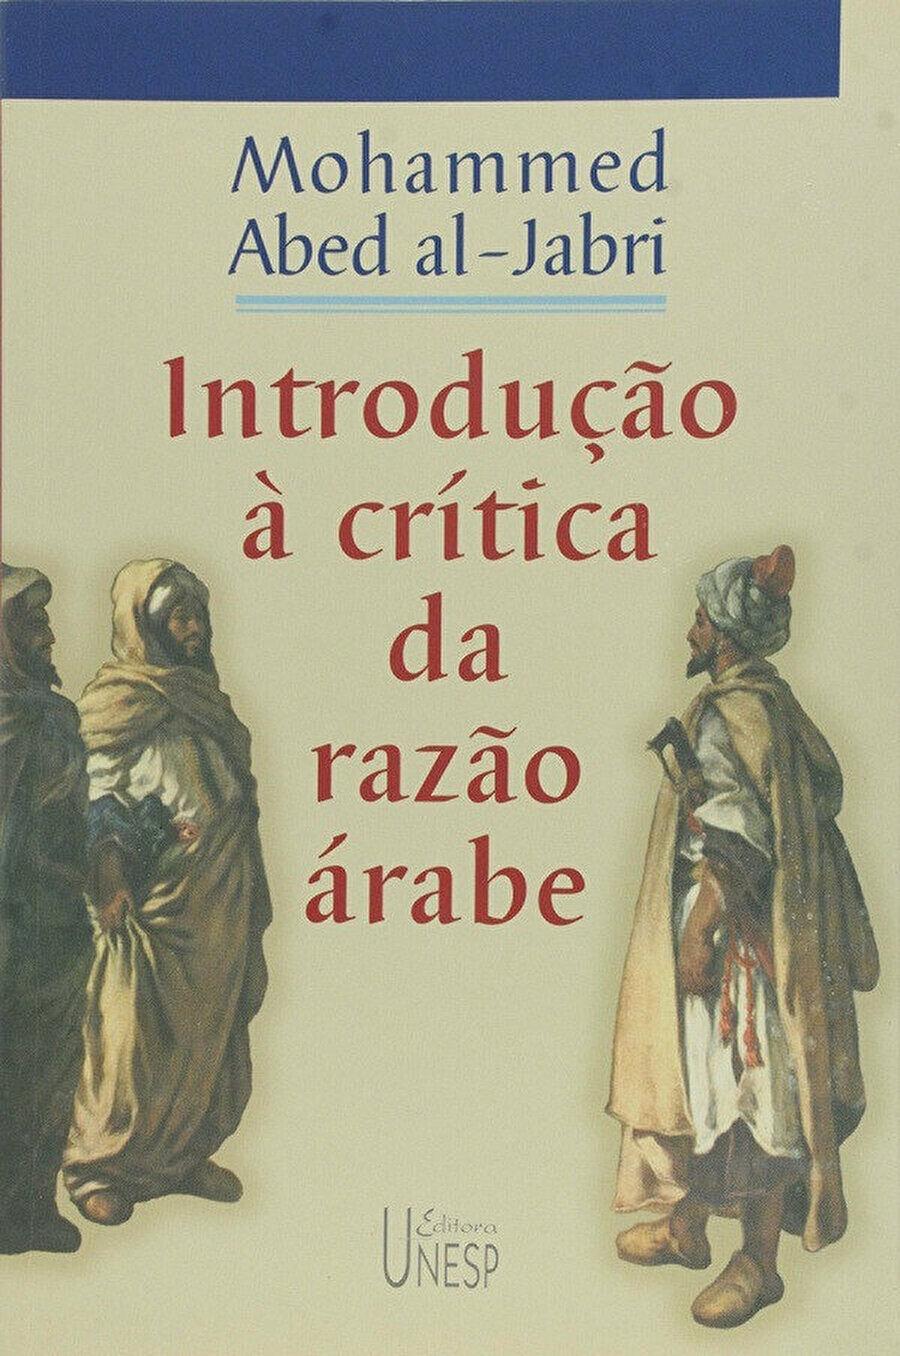 Câbirî'nin eserleri, birçok dile çevrilmiştir.